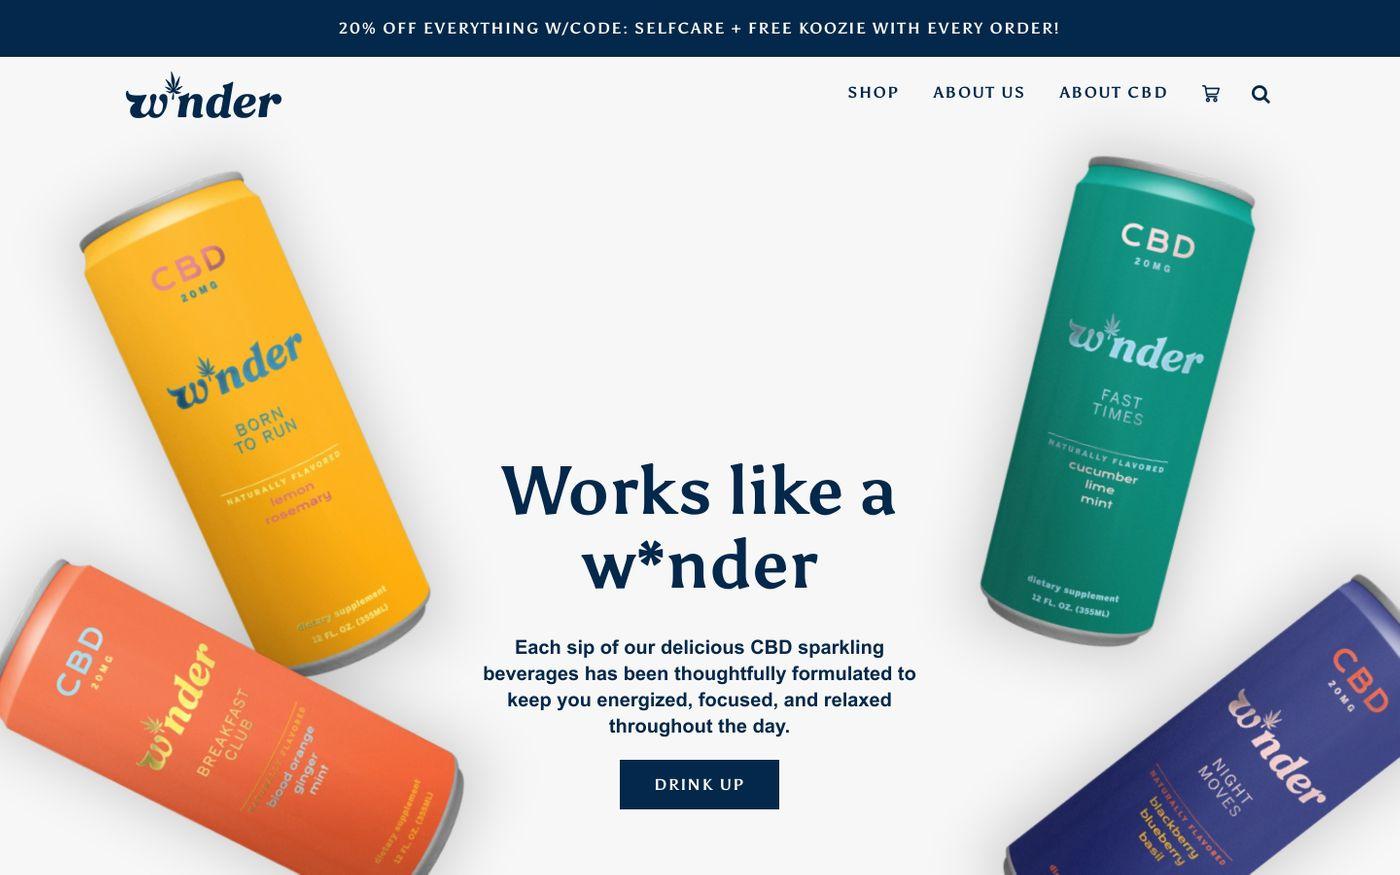 Screenshot of W*nder website